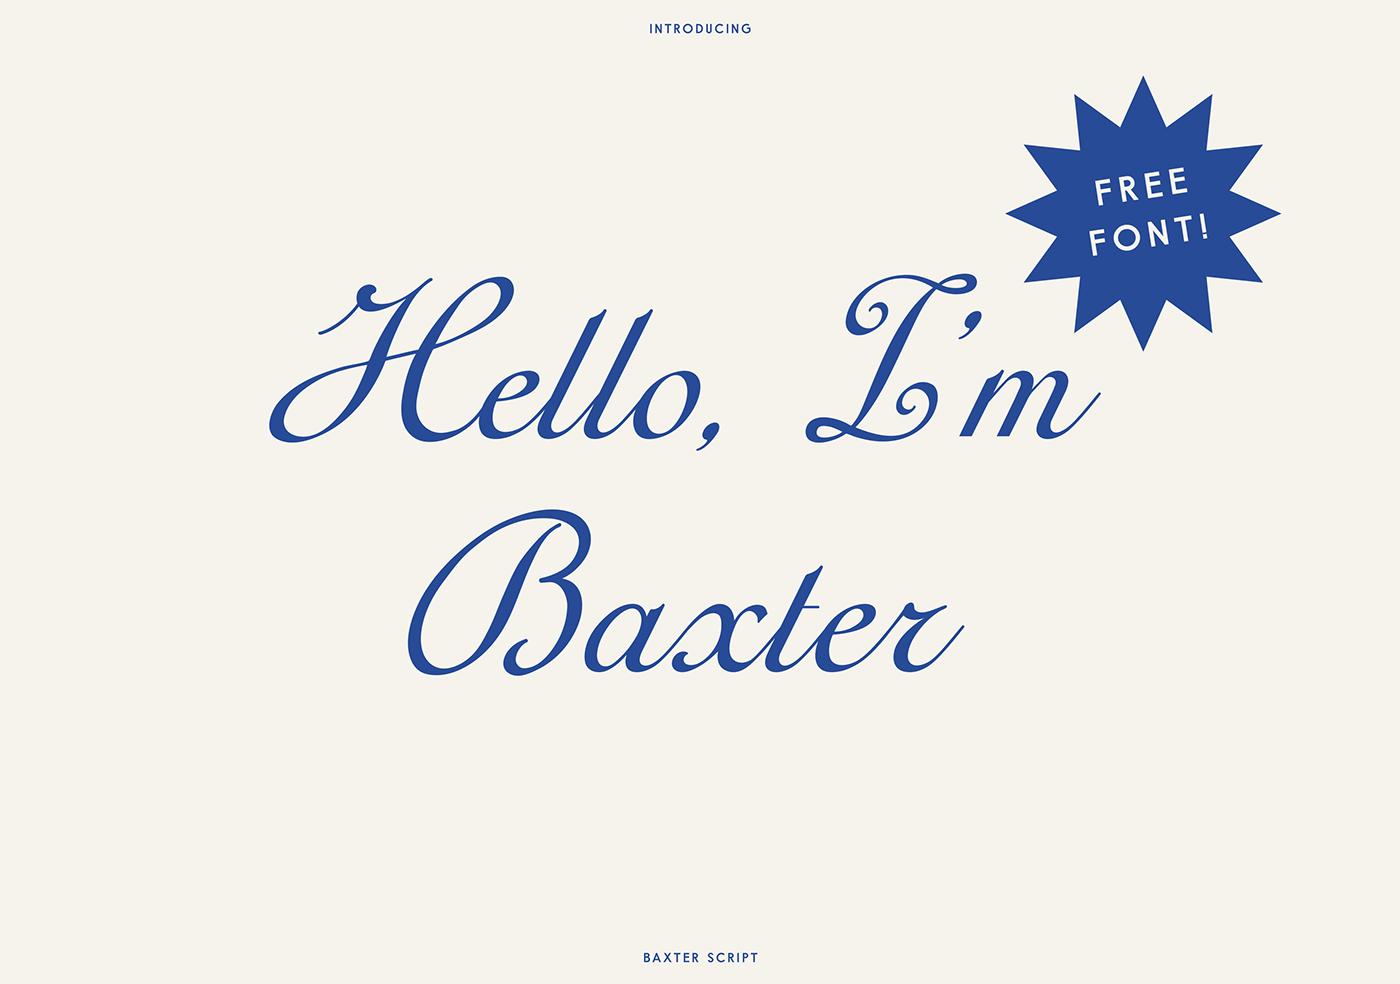 تحميل خط باكستر اللاتينى الرائع - Baxter Font